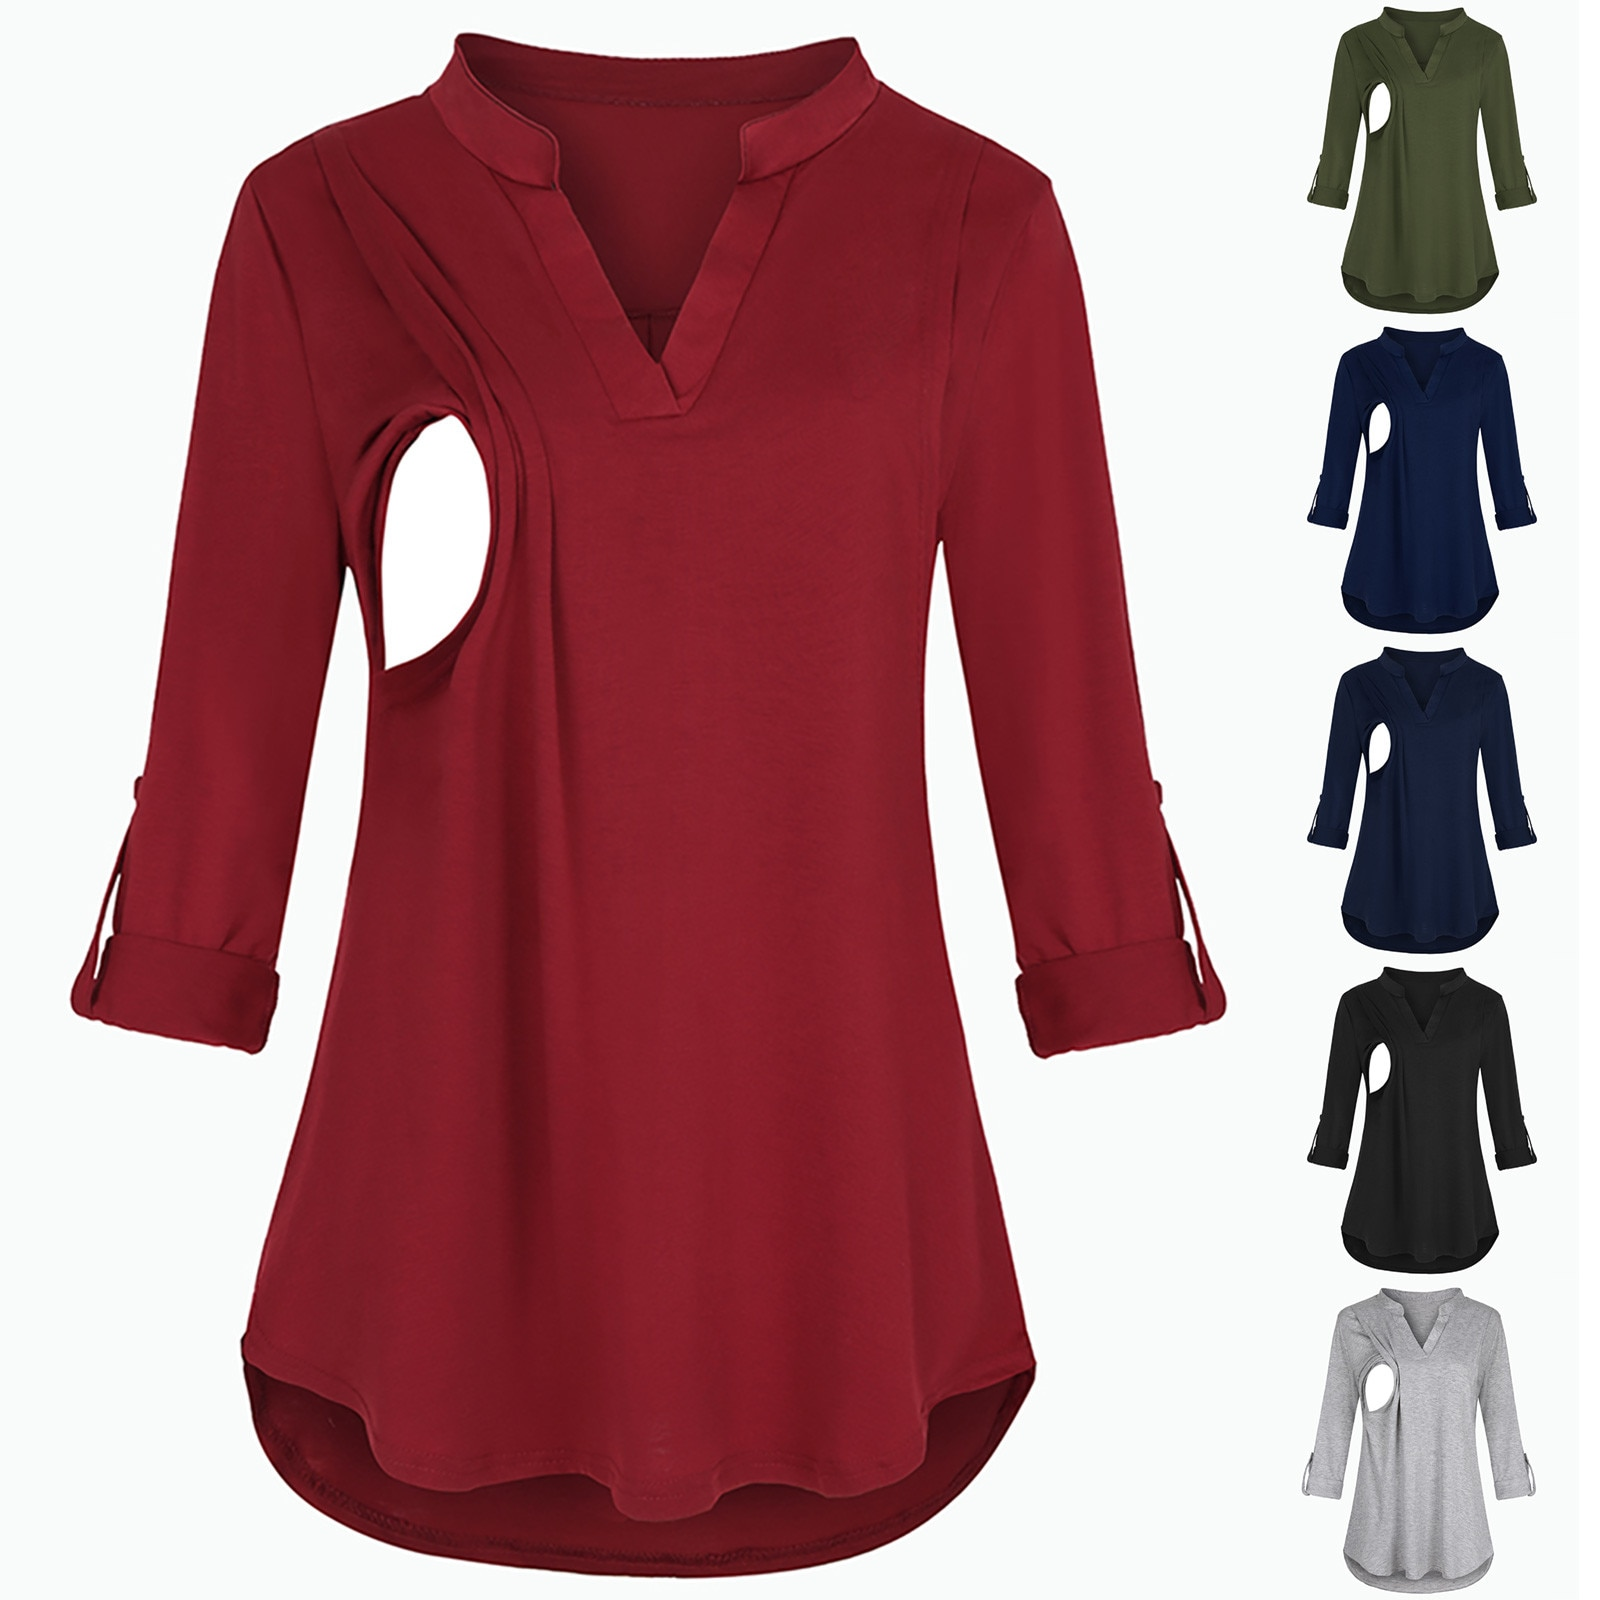 nova camisa de maternidade roupa de cor solida com mangas compridas camiseta para